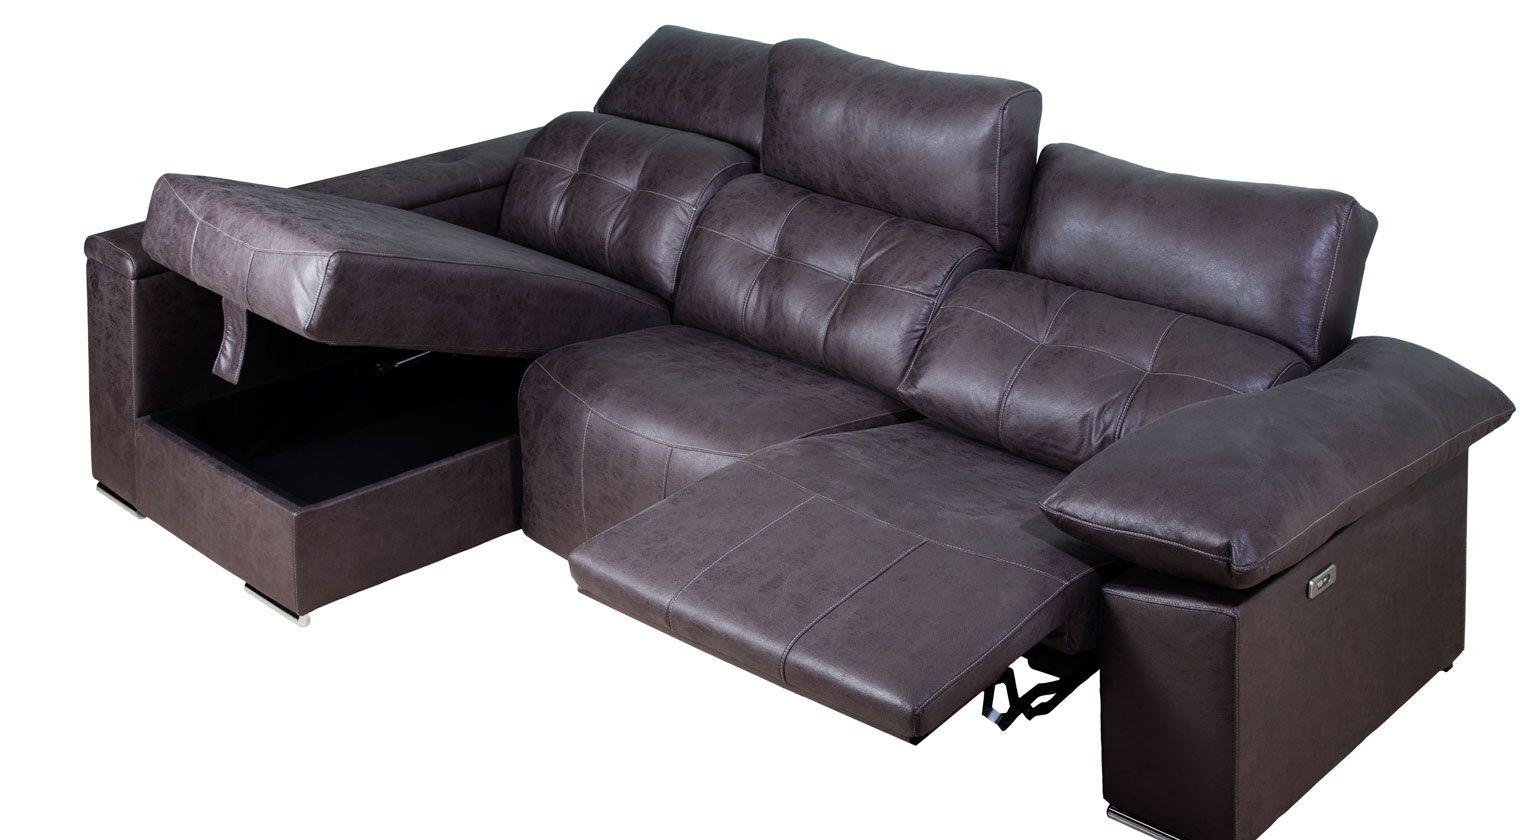 Comprar sof relax furias mod 4 plazas relax for Sofas baratos asturias